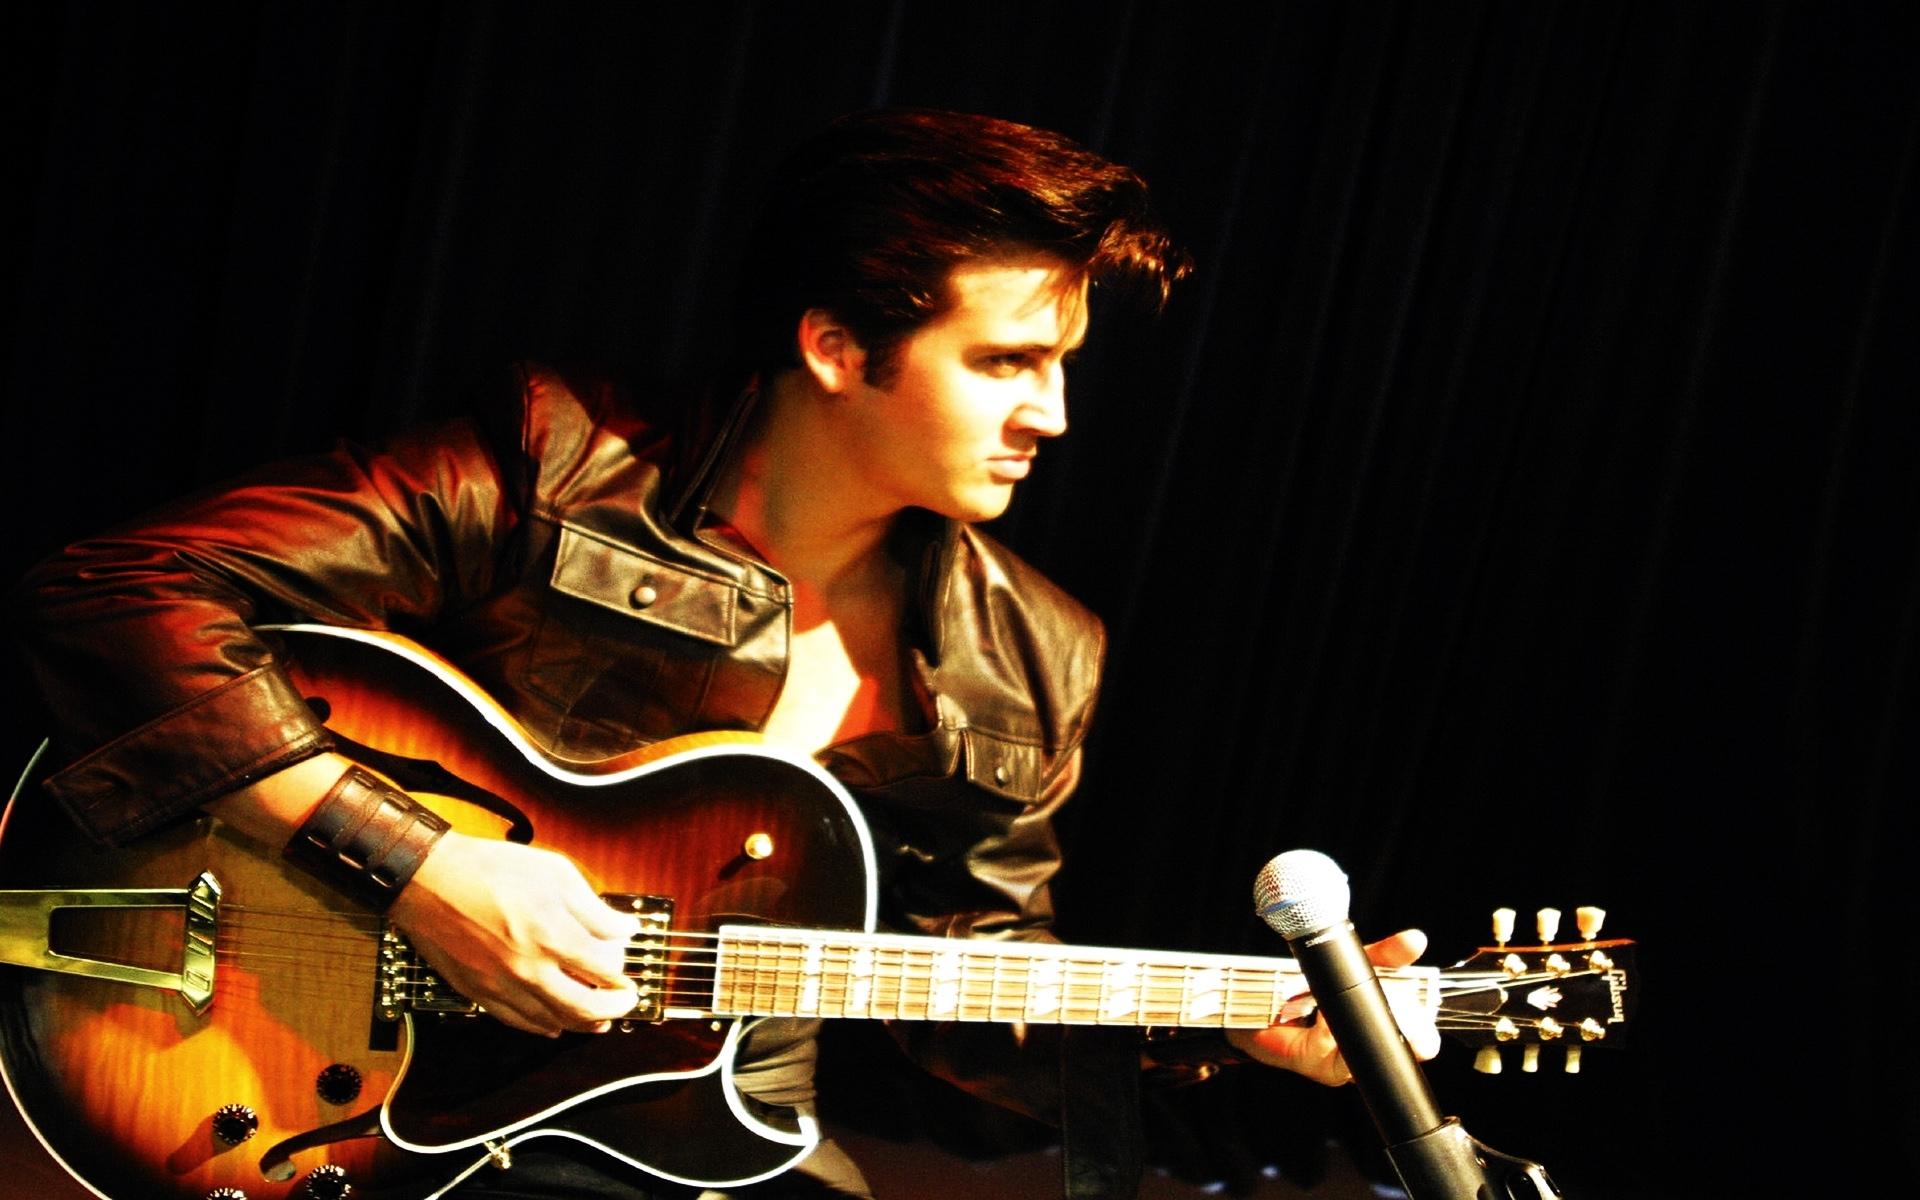 Картинки Elvis presley, гитара, браслет, взгляд, микрофон фото и обои на рабочий стол